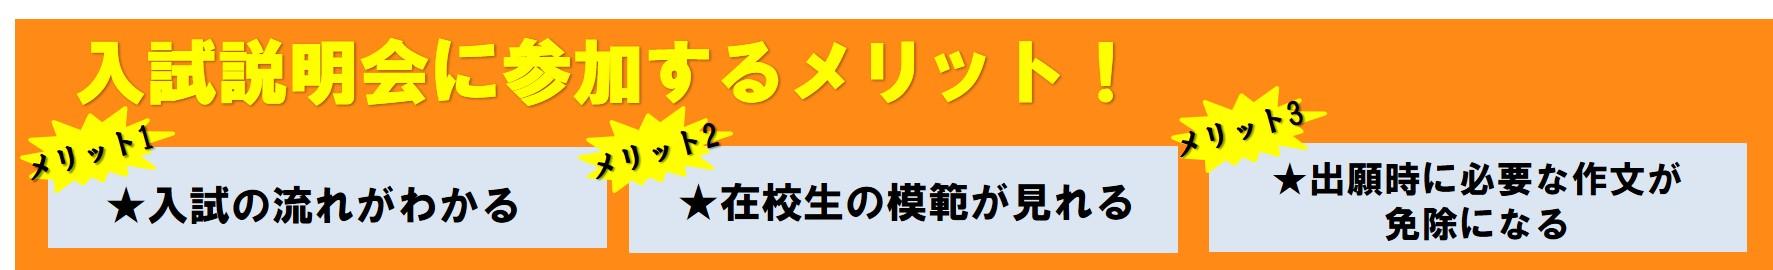 入試メリット.jpg